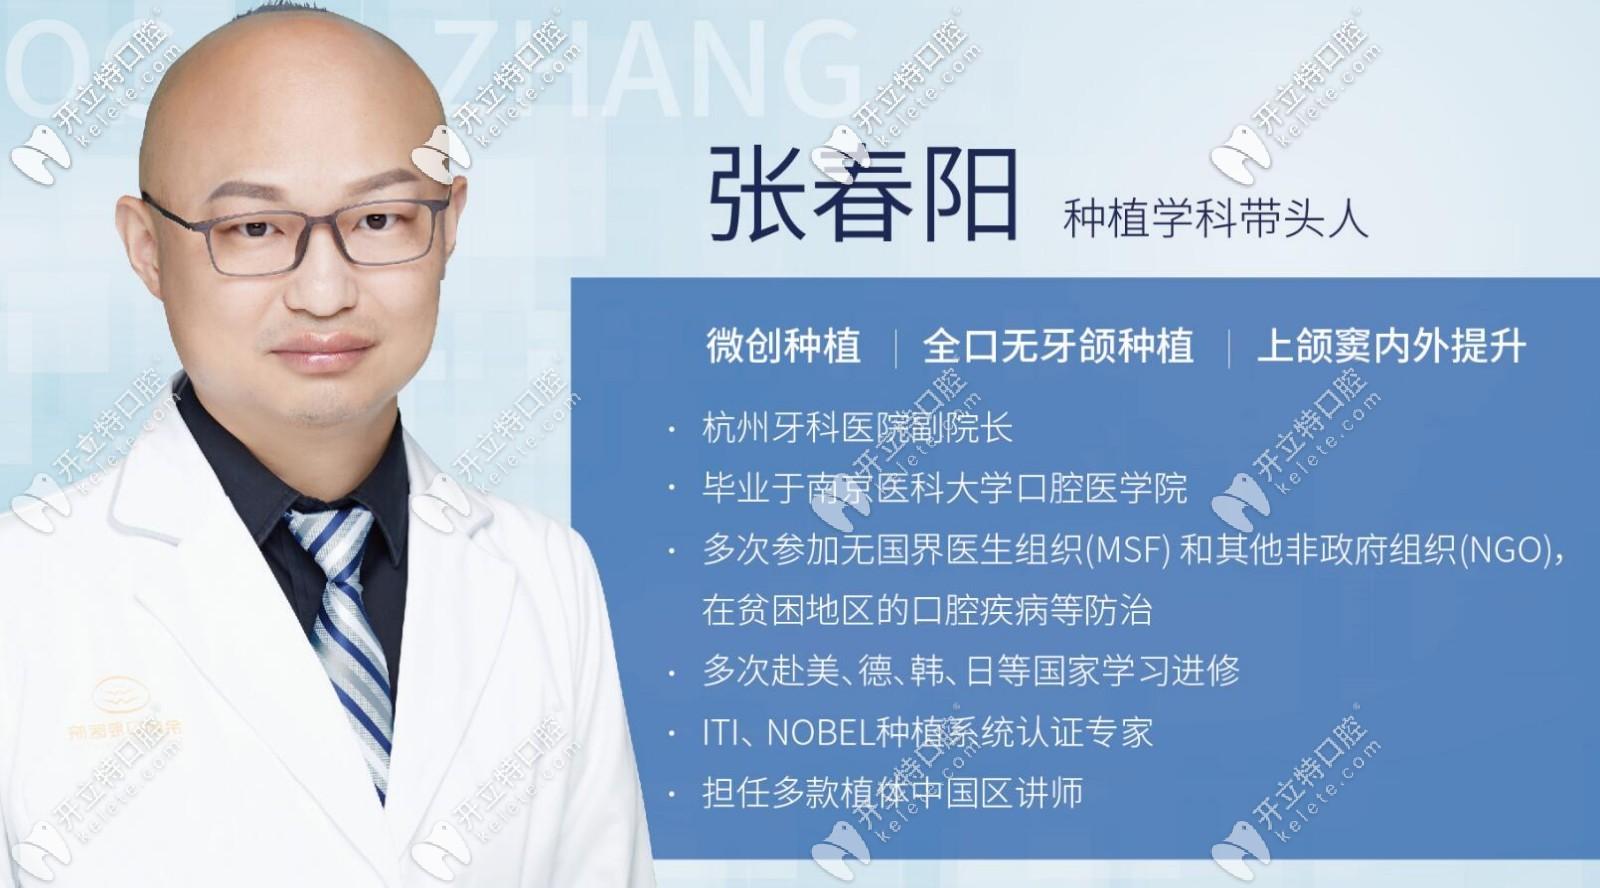 杭州余杭口腔医院张春阳